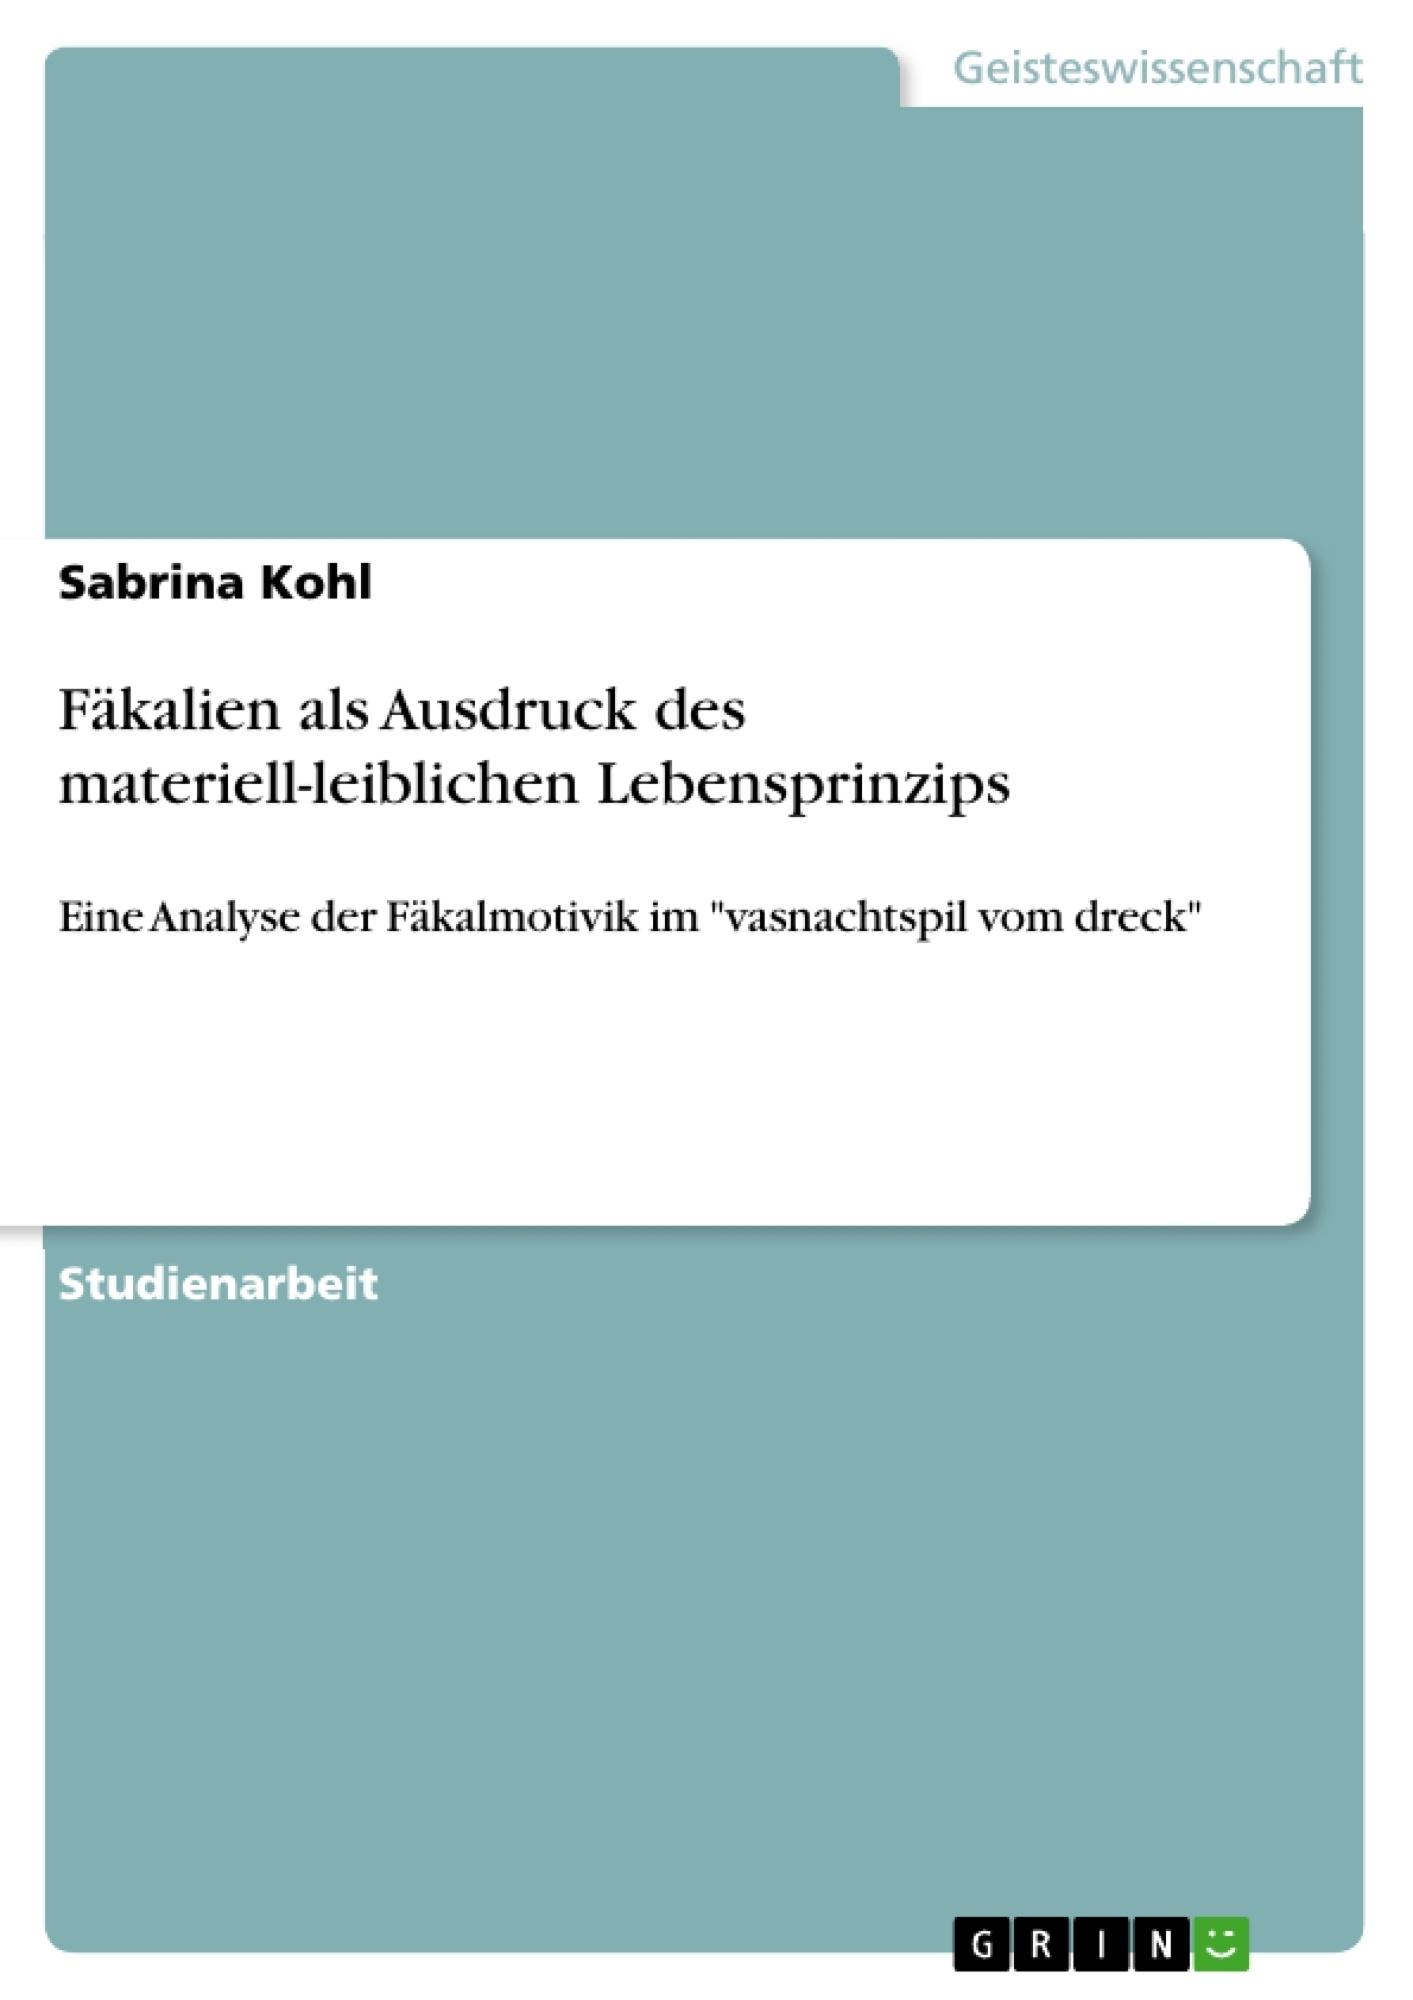 Titel: Fäkalien als Ausdruck des materiell-leiblichen Lebensprinzips